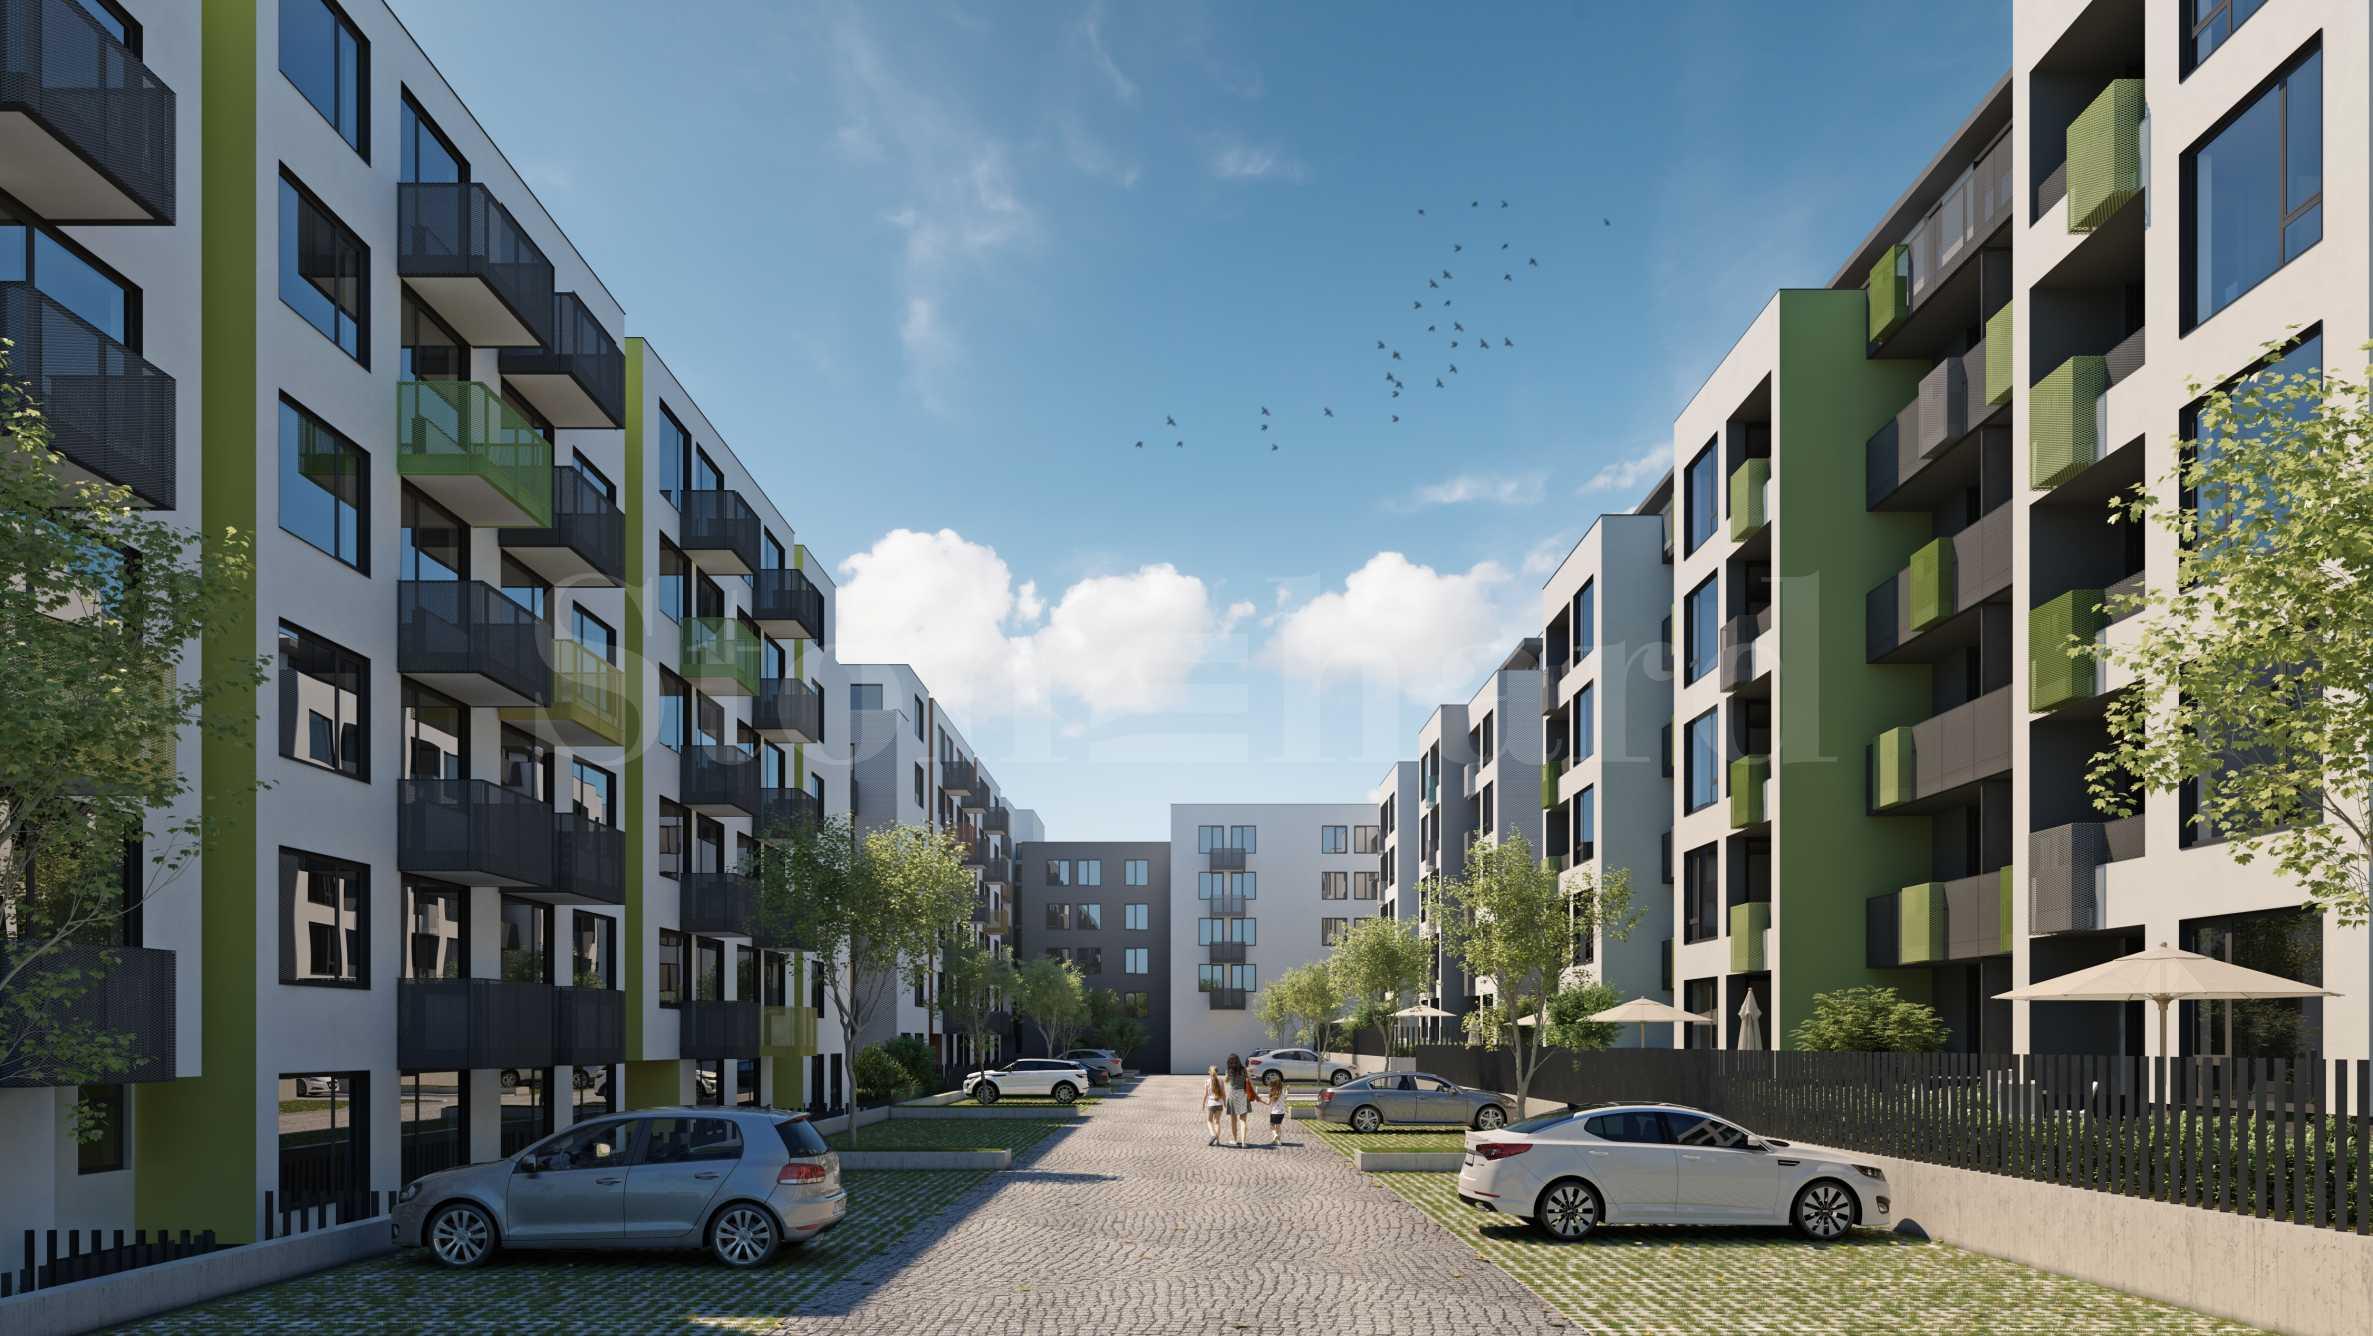 Нов проект от 4 жилищни сгради в комуникативен района на Варна2 - Stonehard